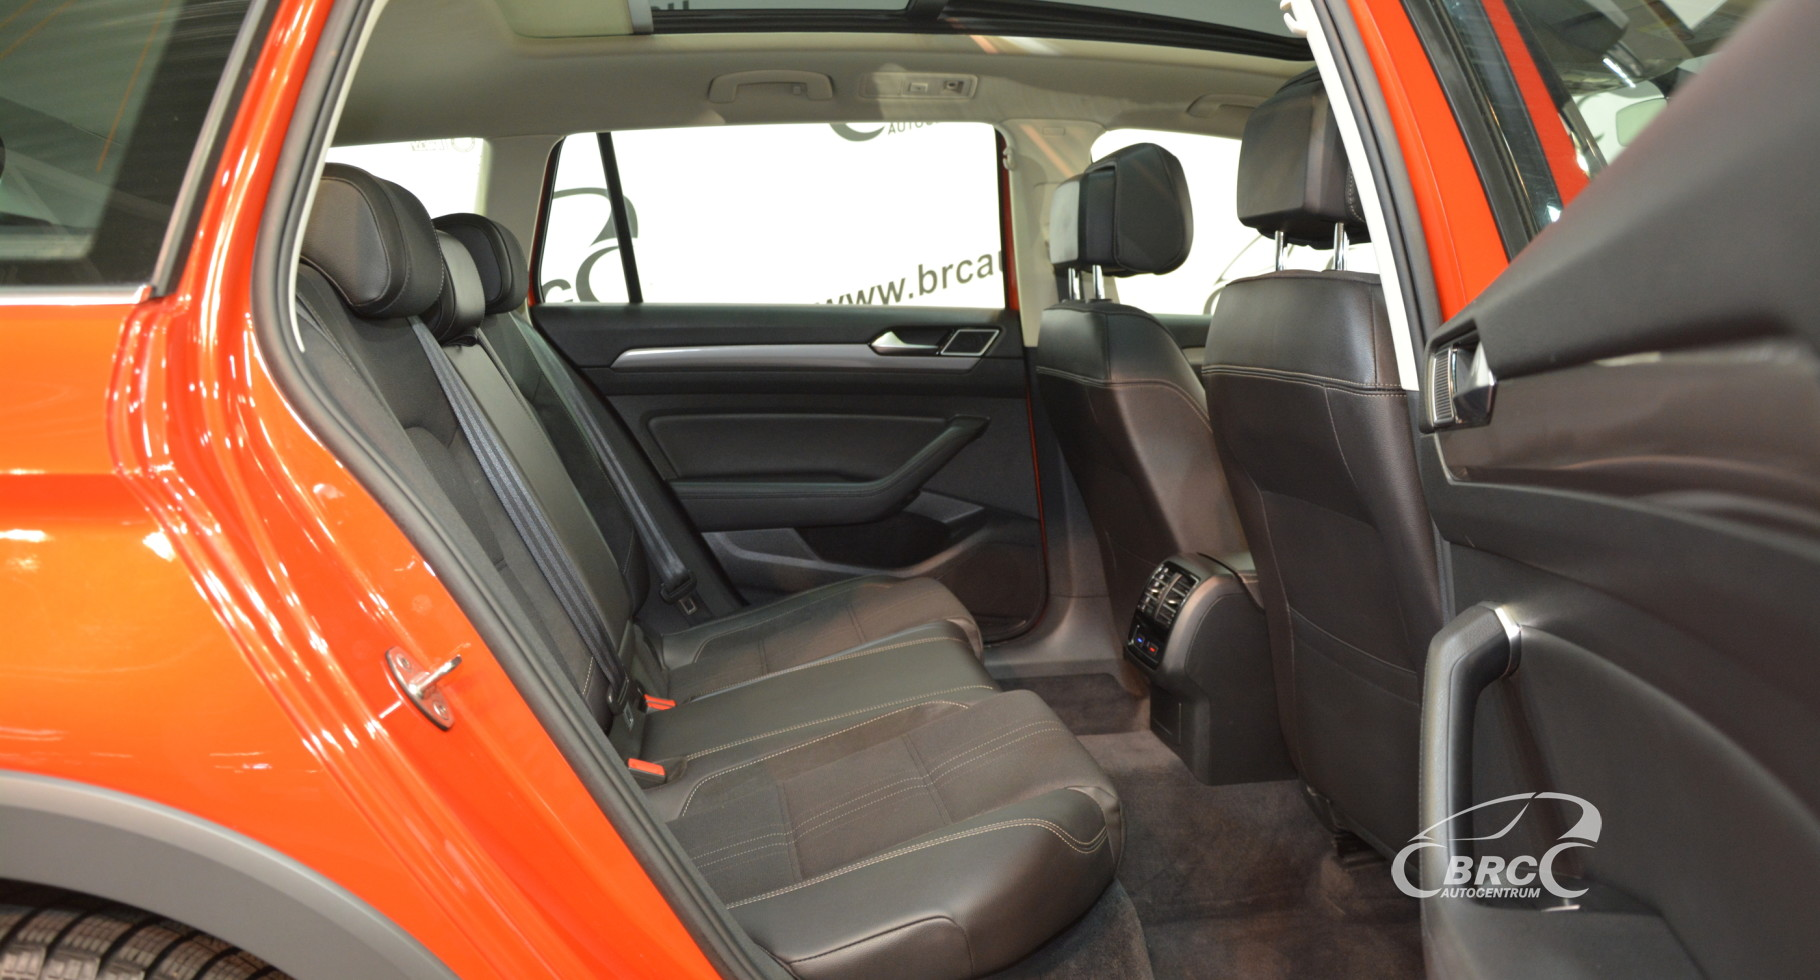 Volkswagen Passat Alltrack 2.0 TSI 4Motion DSG